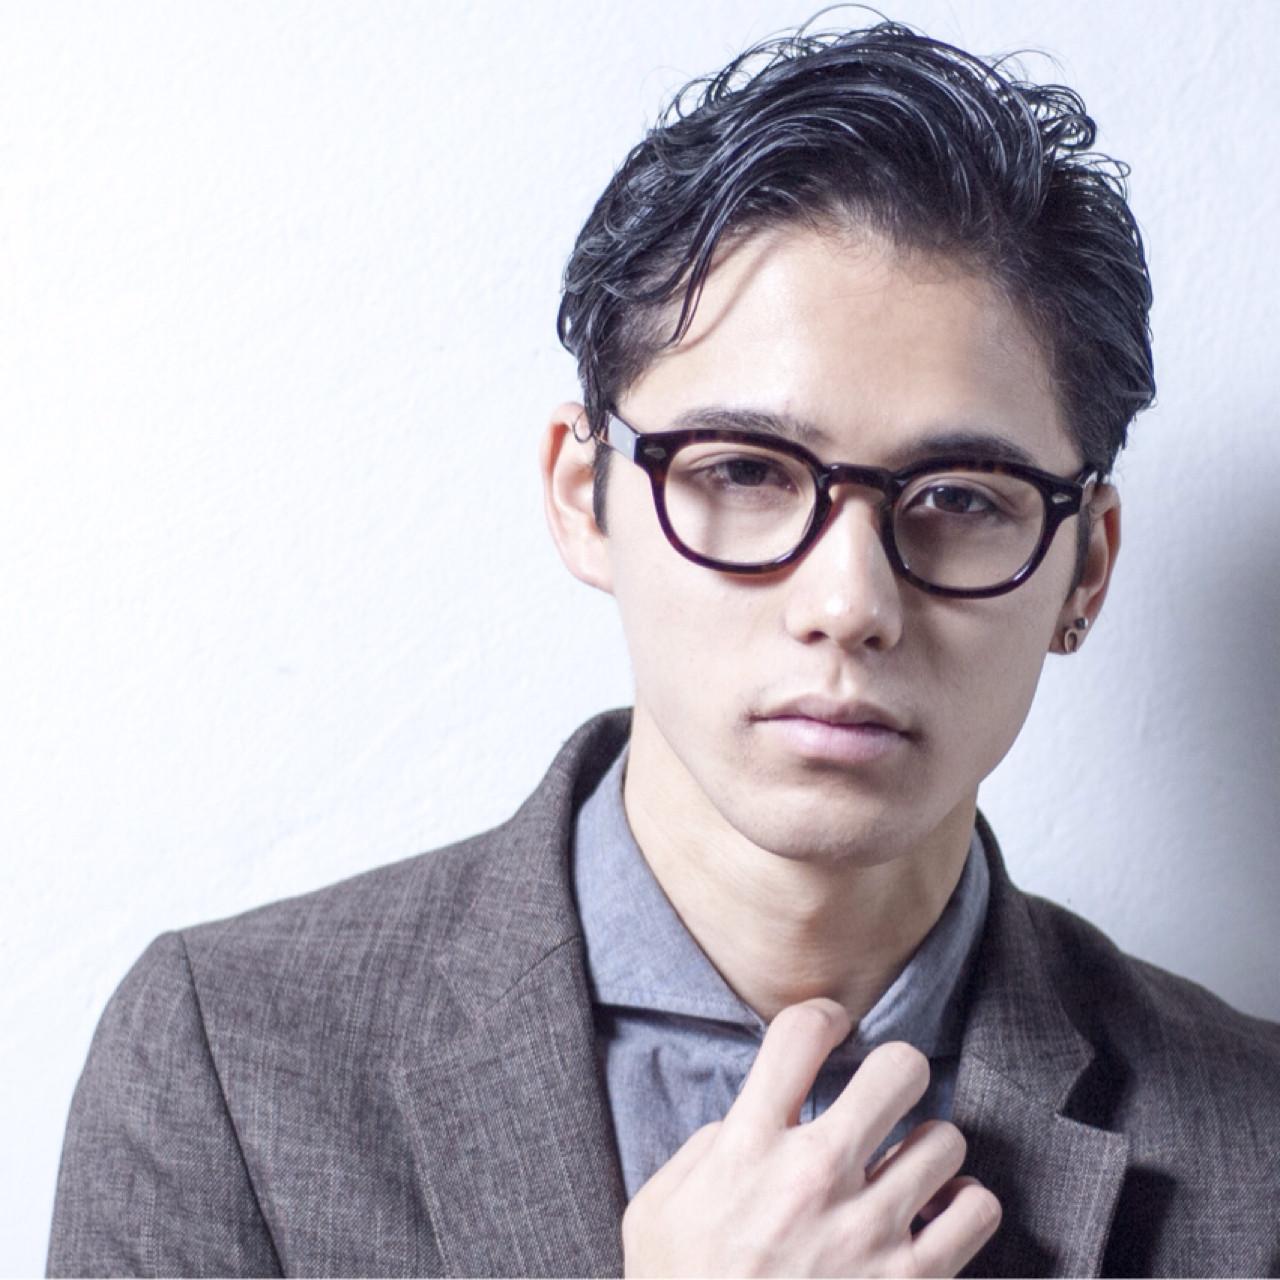 メガネをかけたイケメン男性